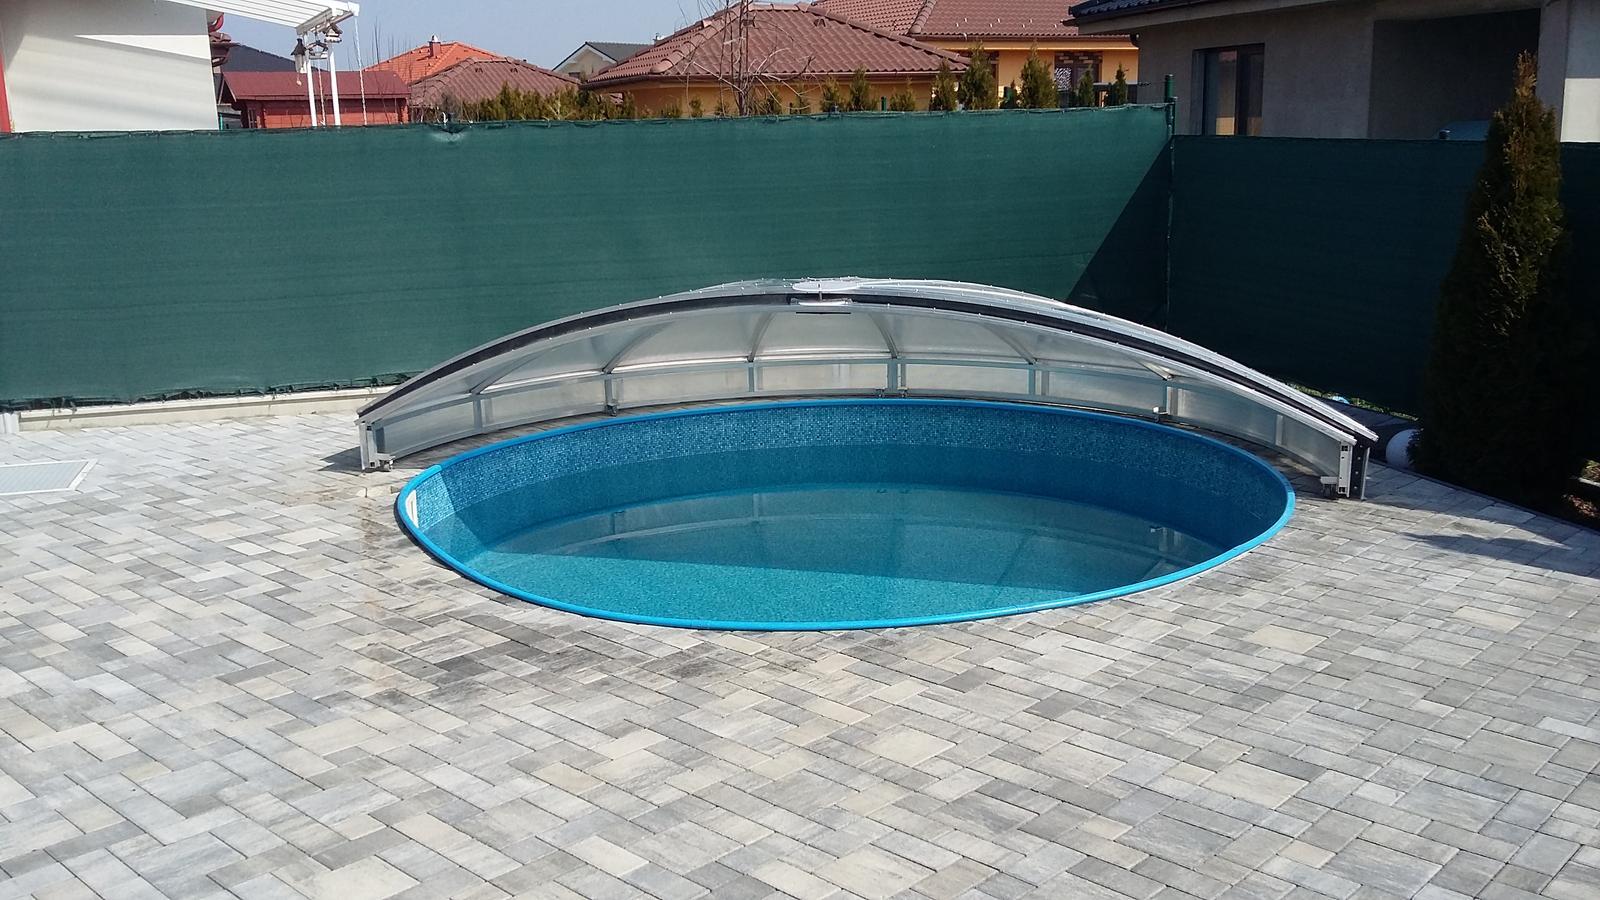 Prekrytie kruhového bazéna - Obrázok č. 3